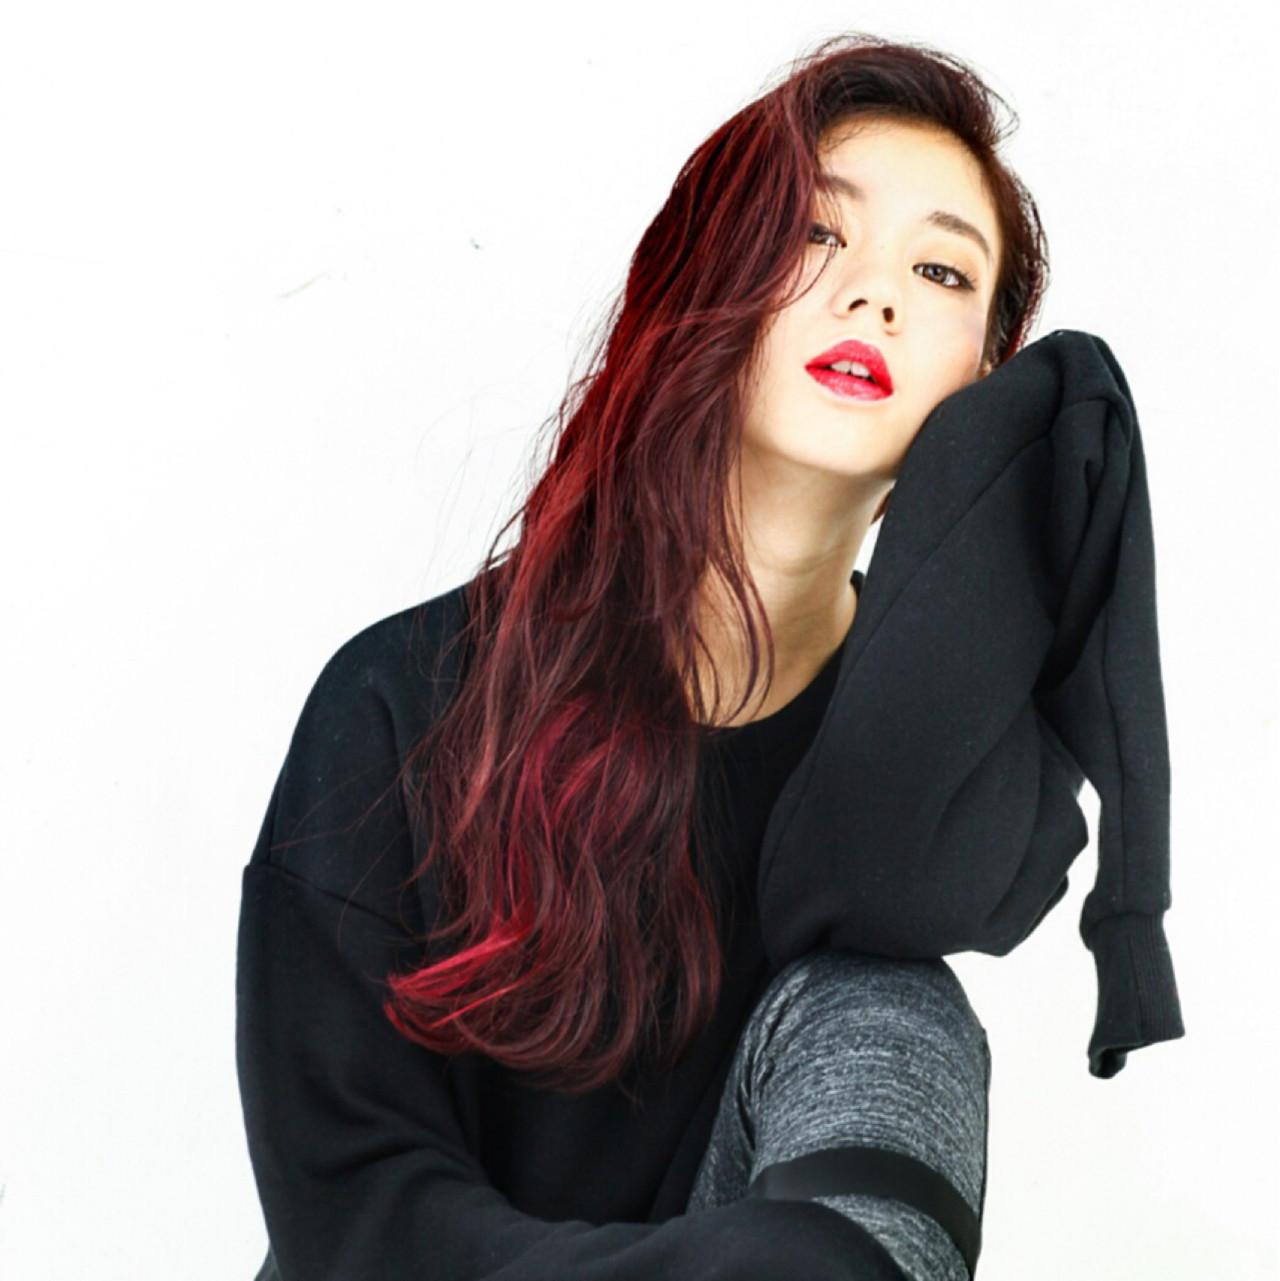 前髪あり ロング レッド ピンク ヘアスタイルや髪型の写真・画像